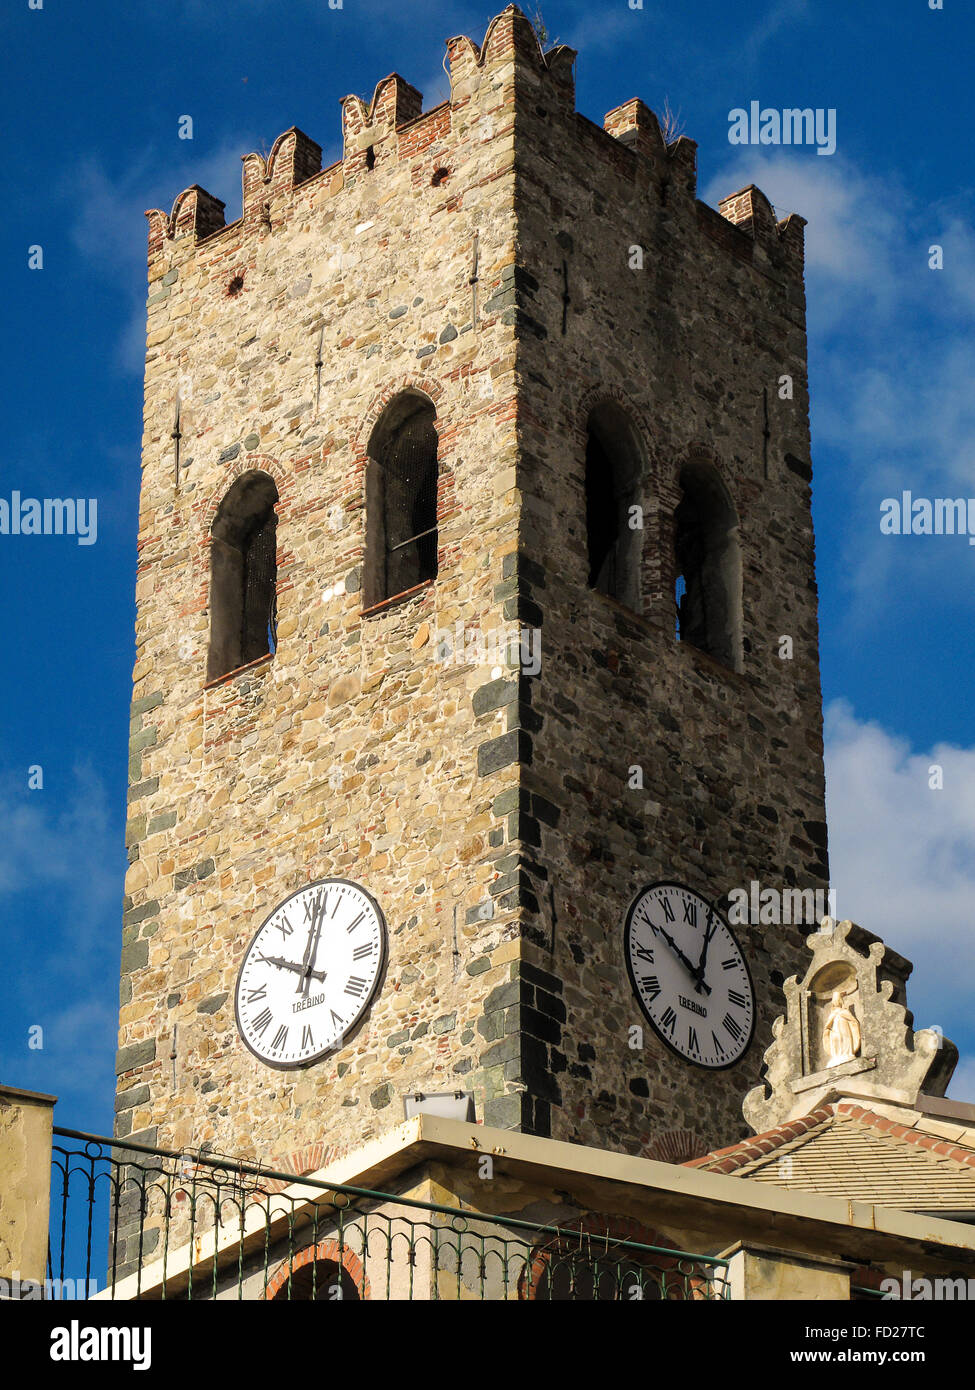 Italie Ligurie 5 Terre Monterosso Clocher de l'église paroissiale de San Giovanni Battista, ancienne tour de garde de Gênes Banque D'Images